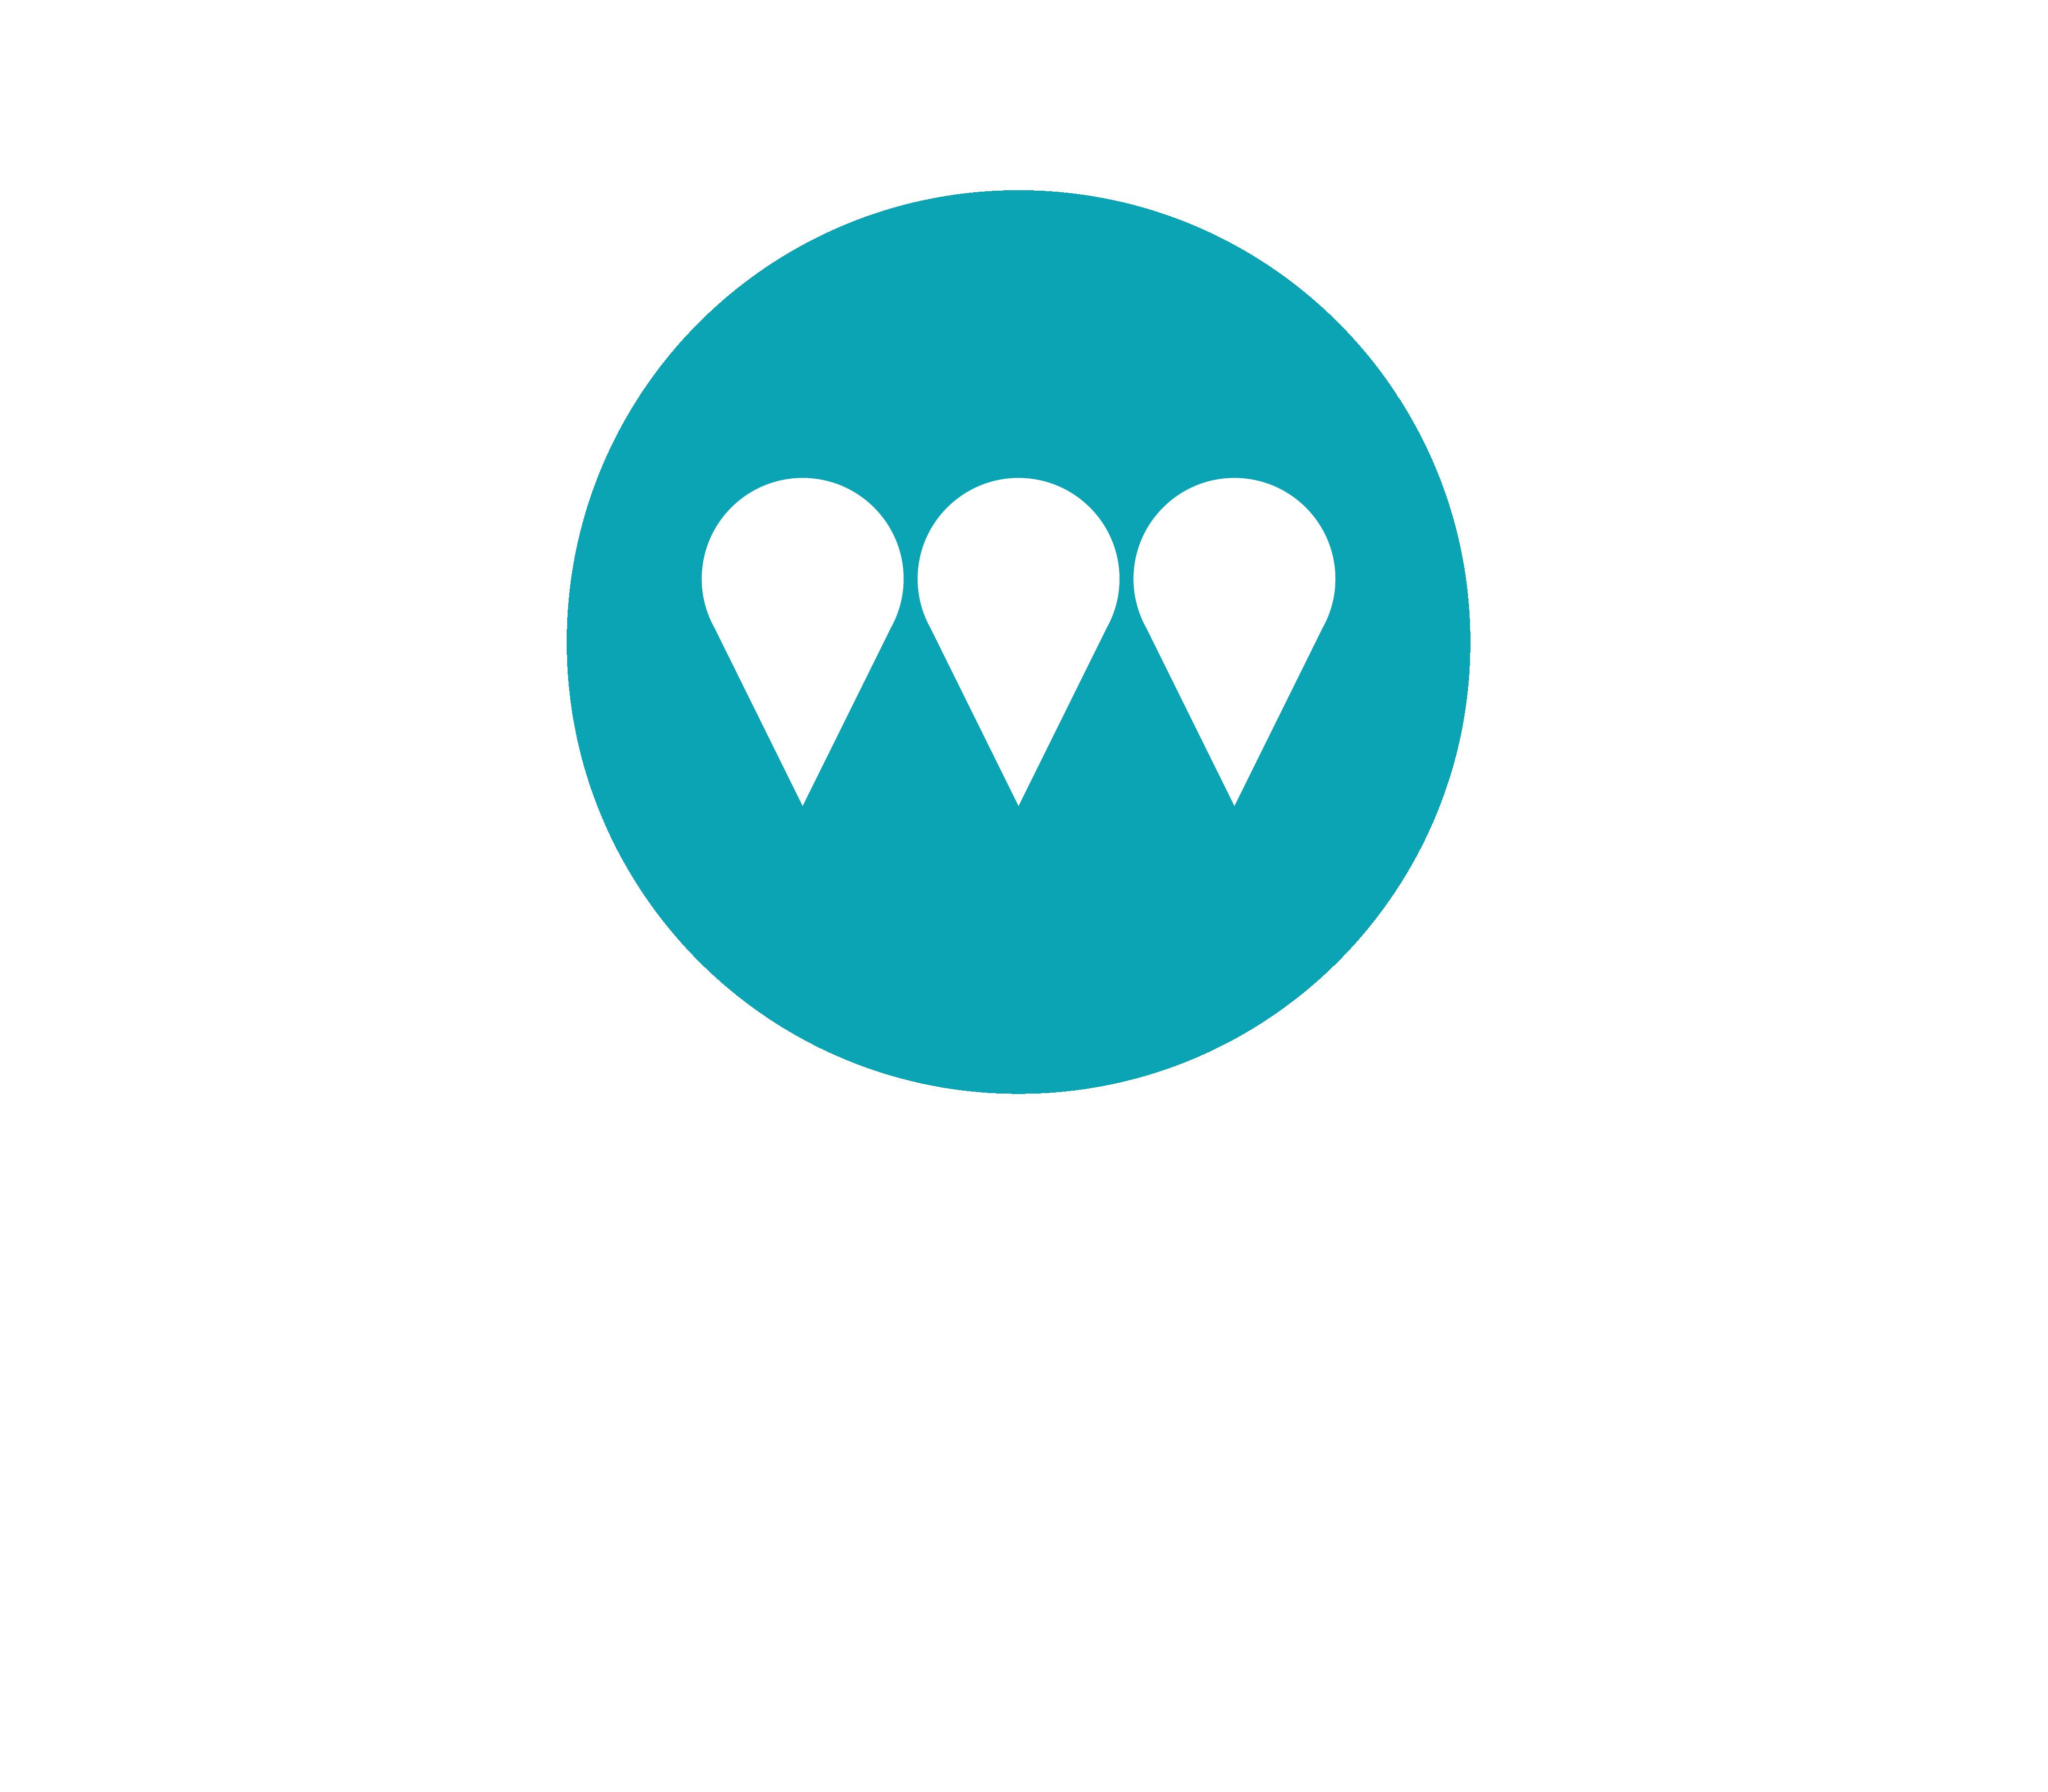 martalogo_vert_rev_notag-01